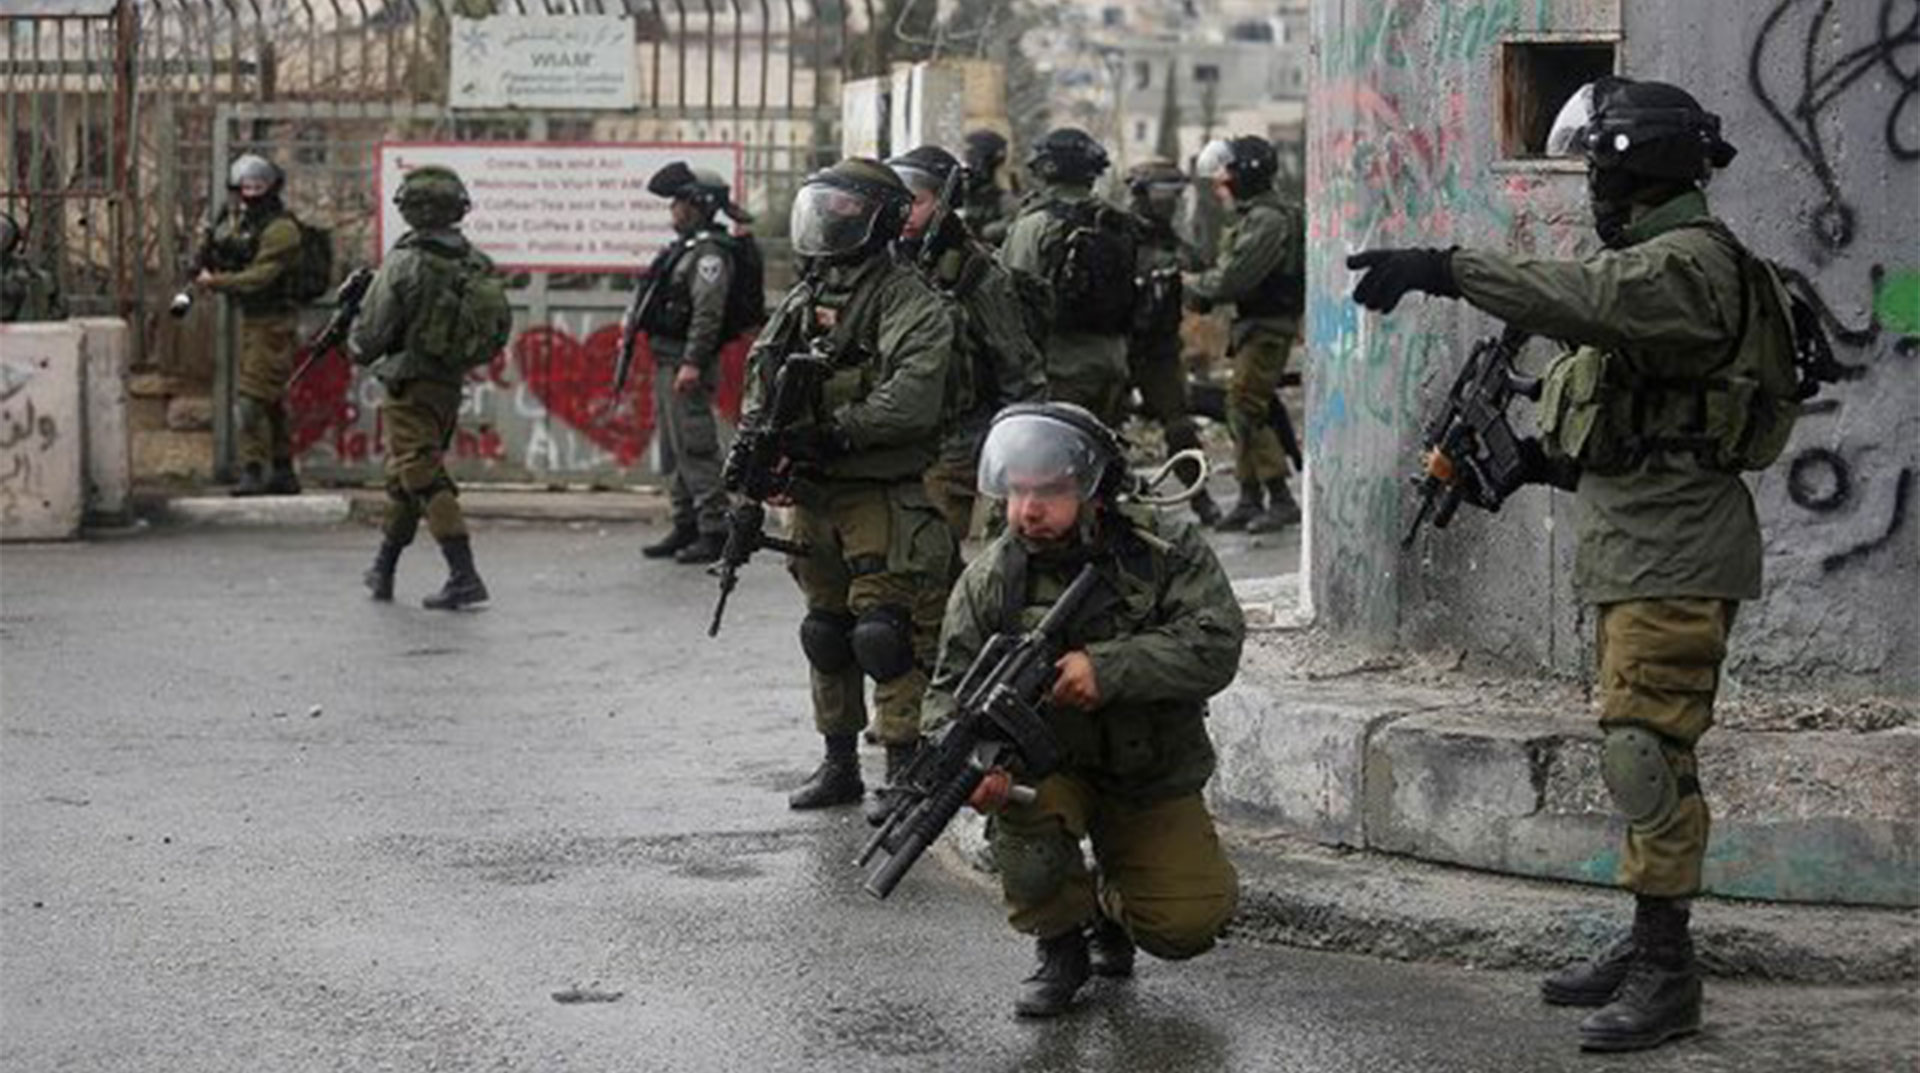 İşgal Yönetimi 10 Filistinliyi Alıkoydu